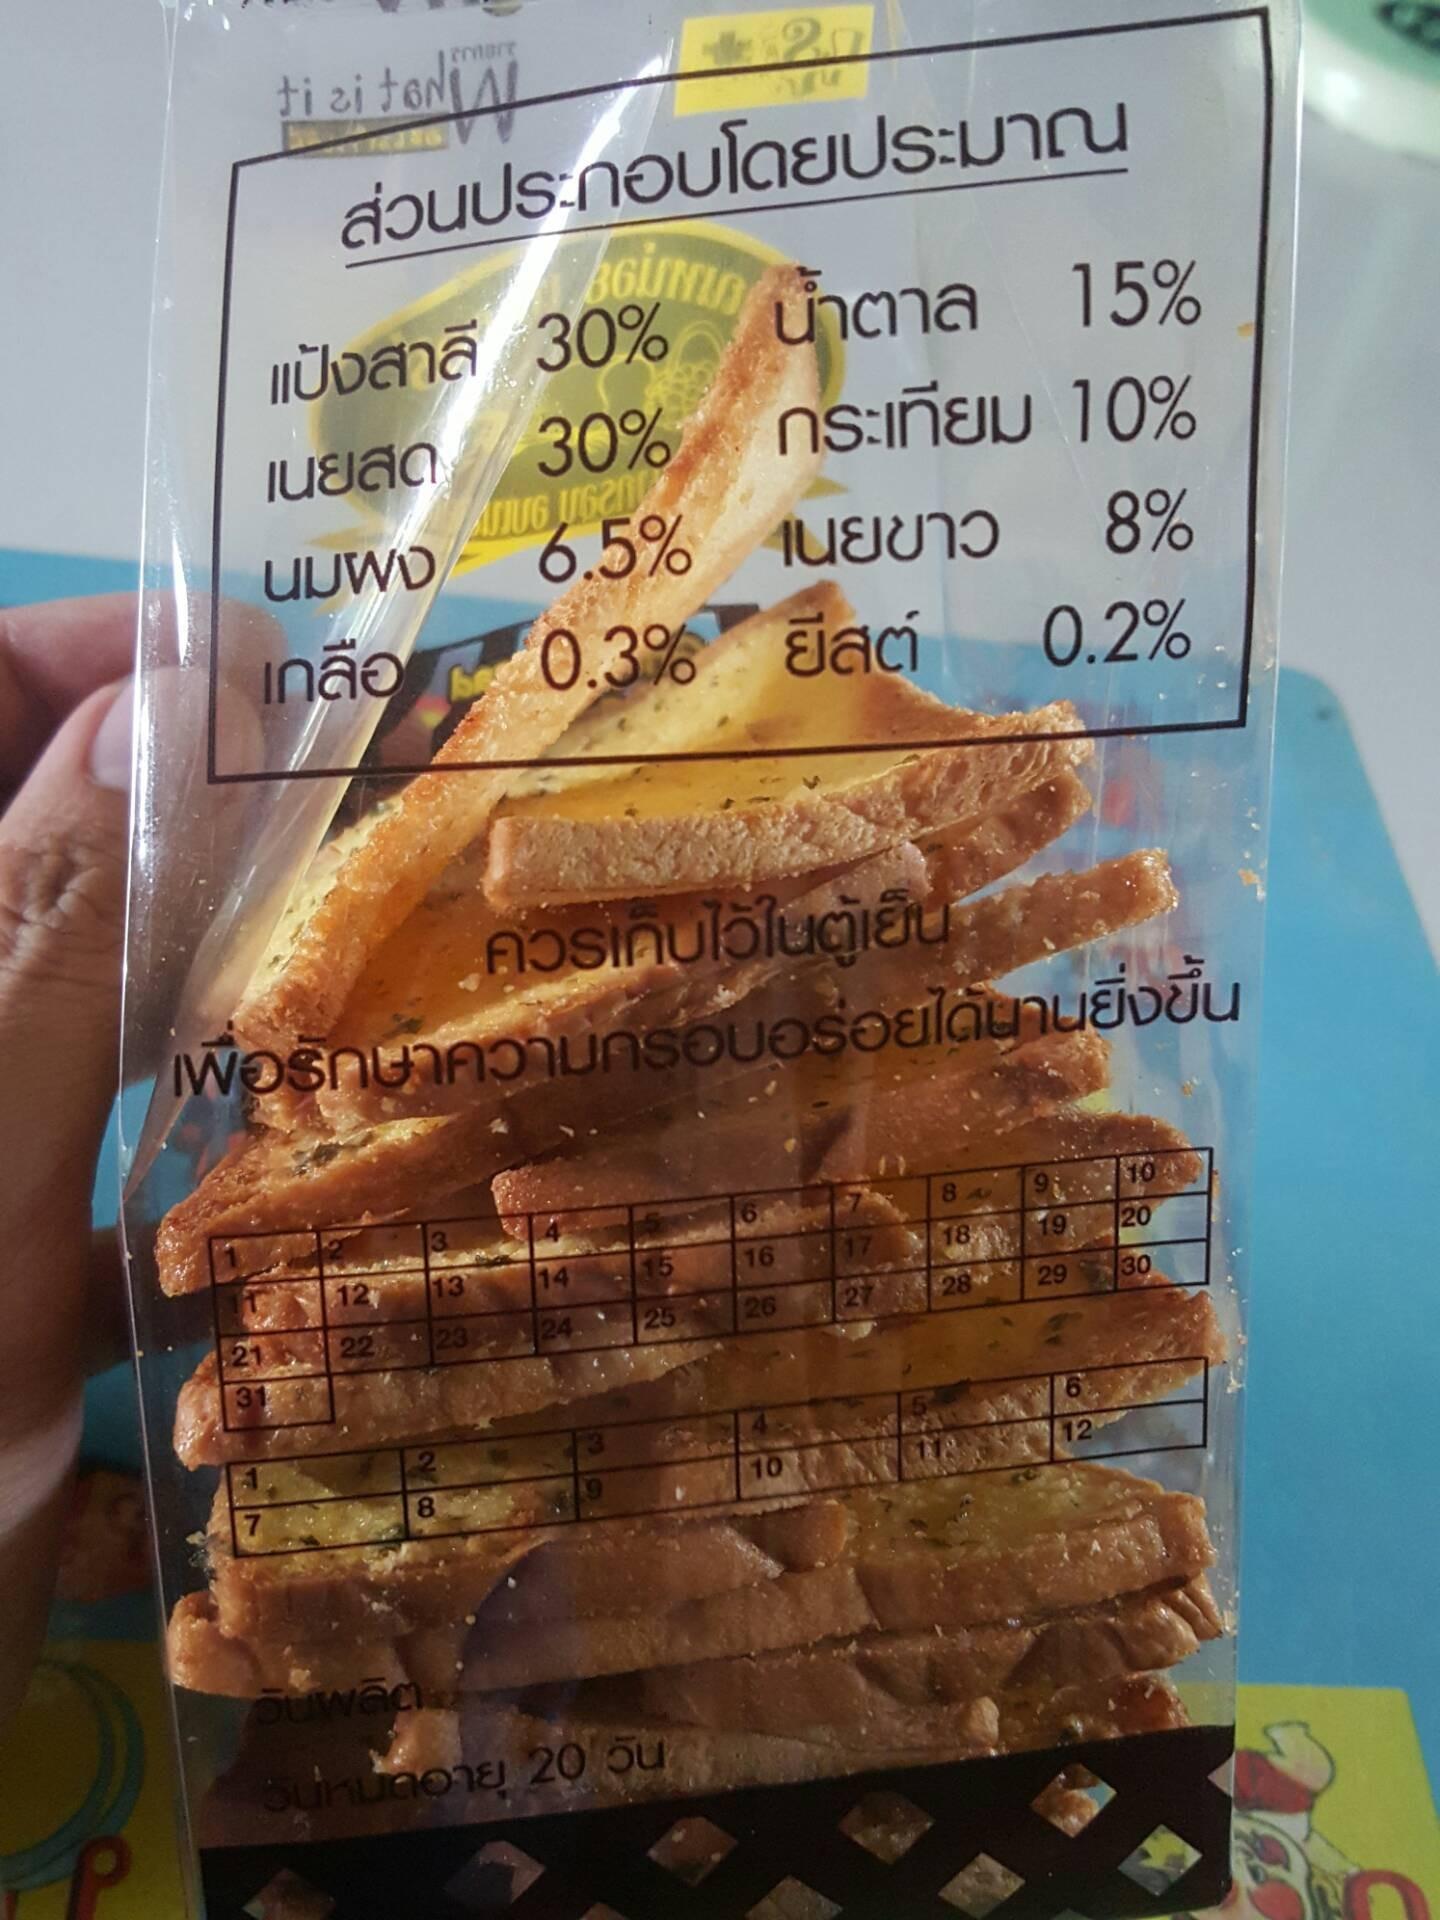 ขนมปังกรอบ อบเนยกระเทียม : ส่วนประกอบกันหน่อยจ๊ะ